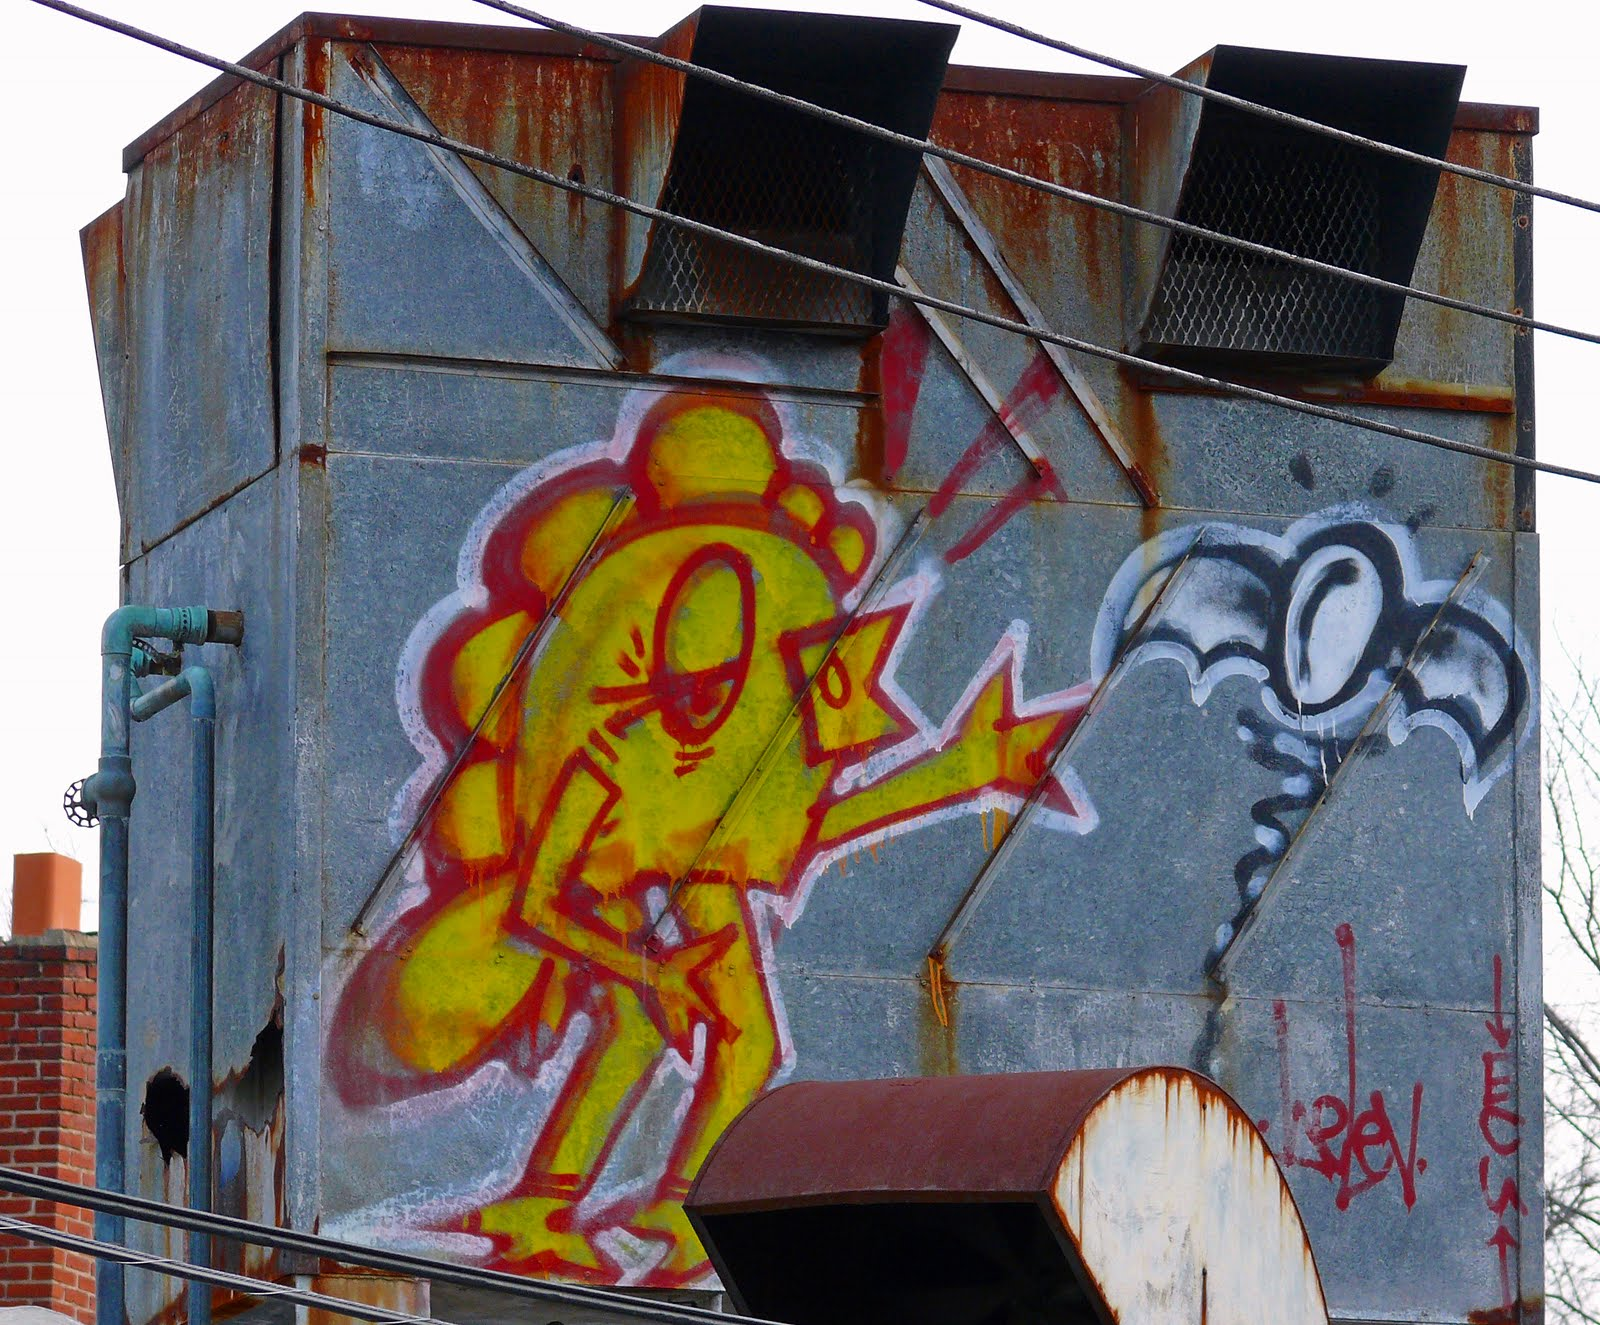 http://4.bp.blogspot.com/-7ESxQa5pJKQ/TixoGbj1buI/AAAAAAAABZs/jSdFjkE9L1I/s1600/graffiti%2Bof%2Bbird.jpg